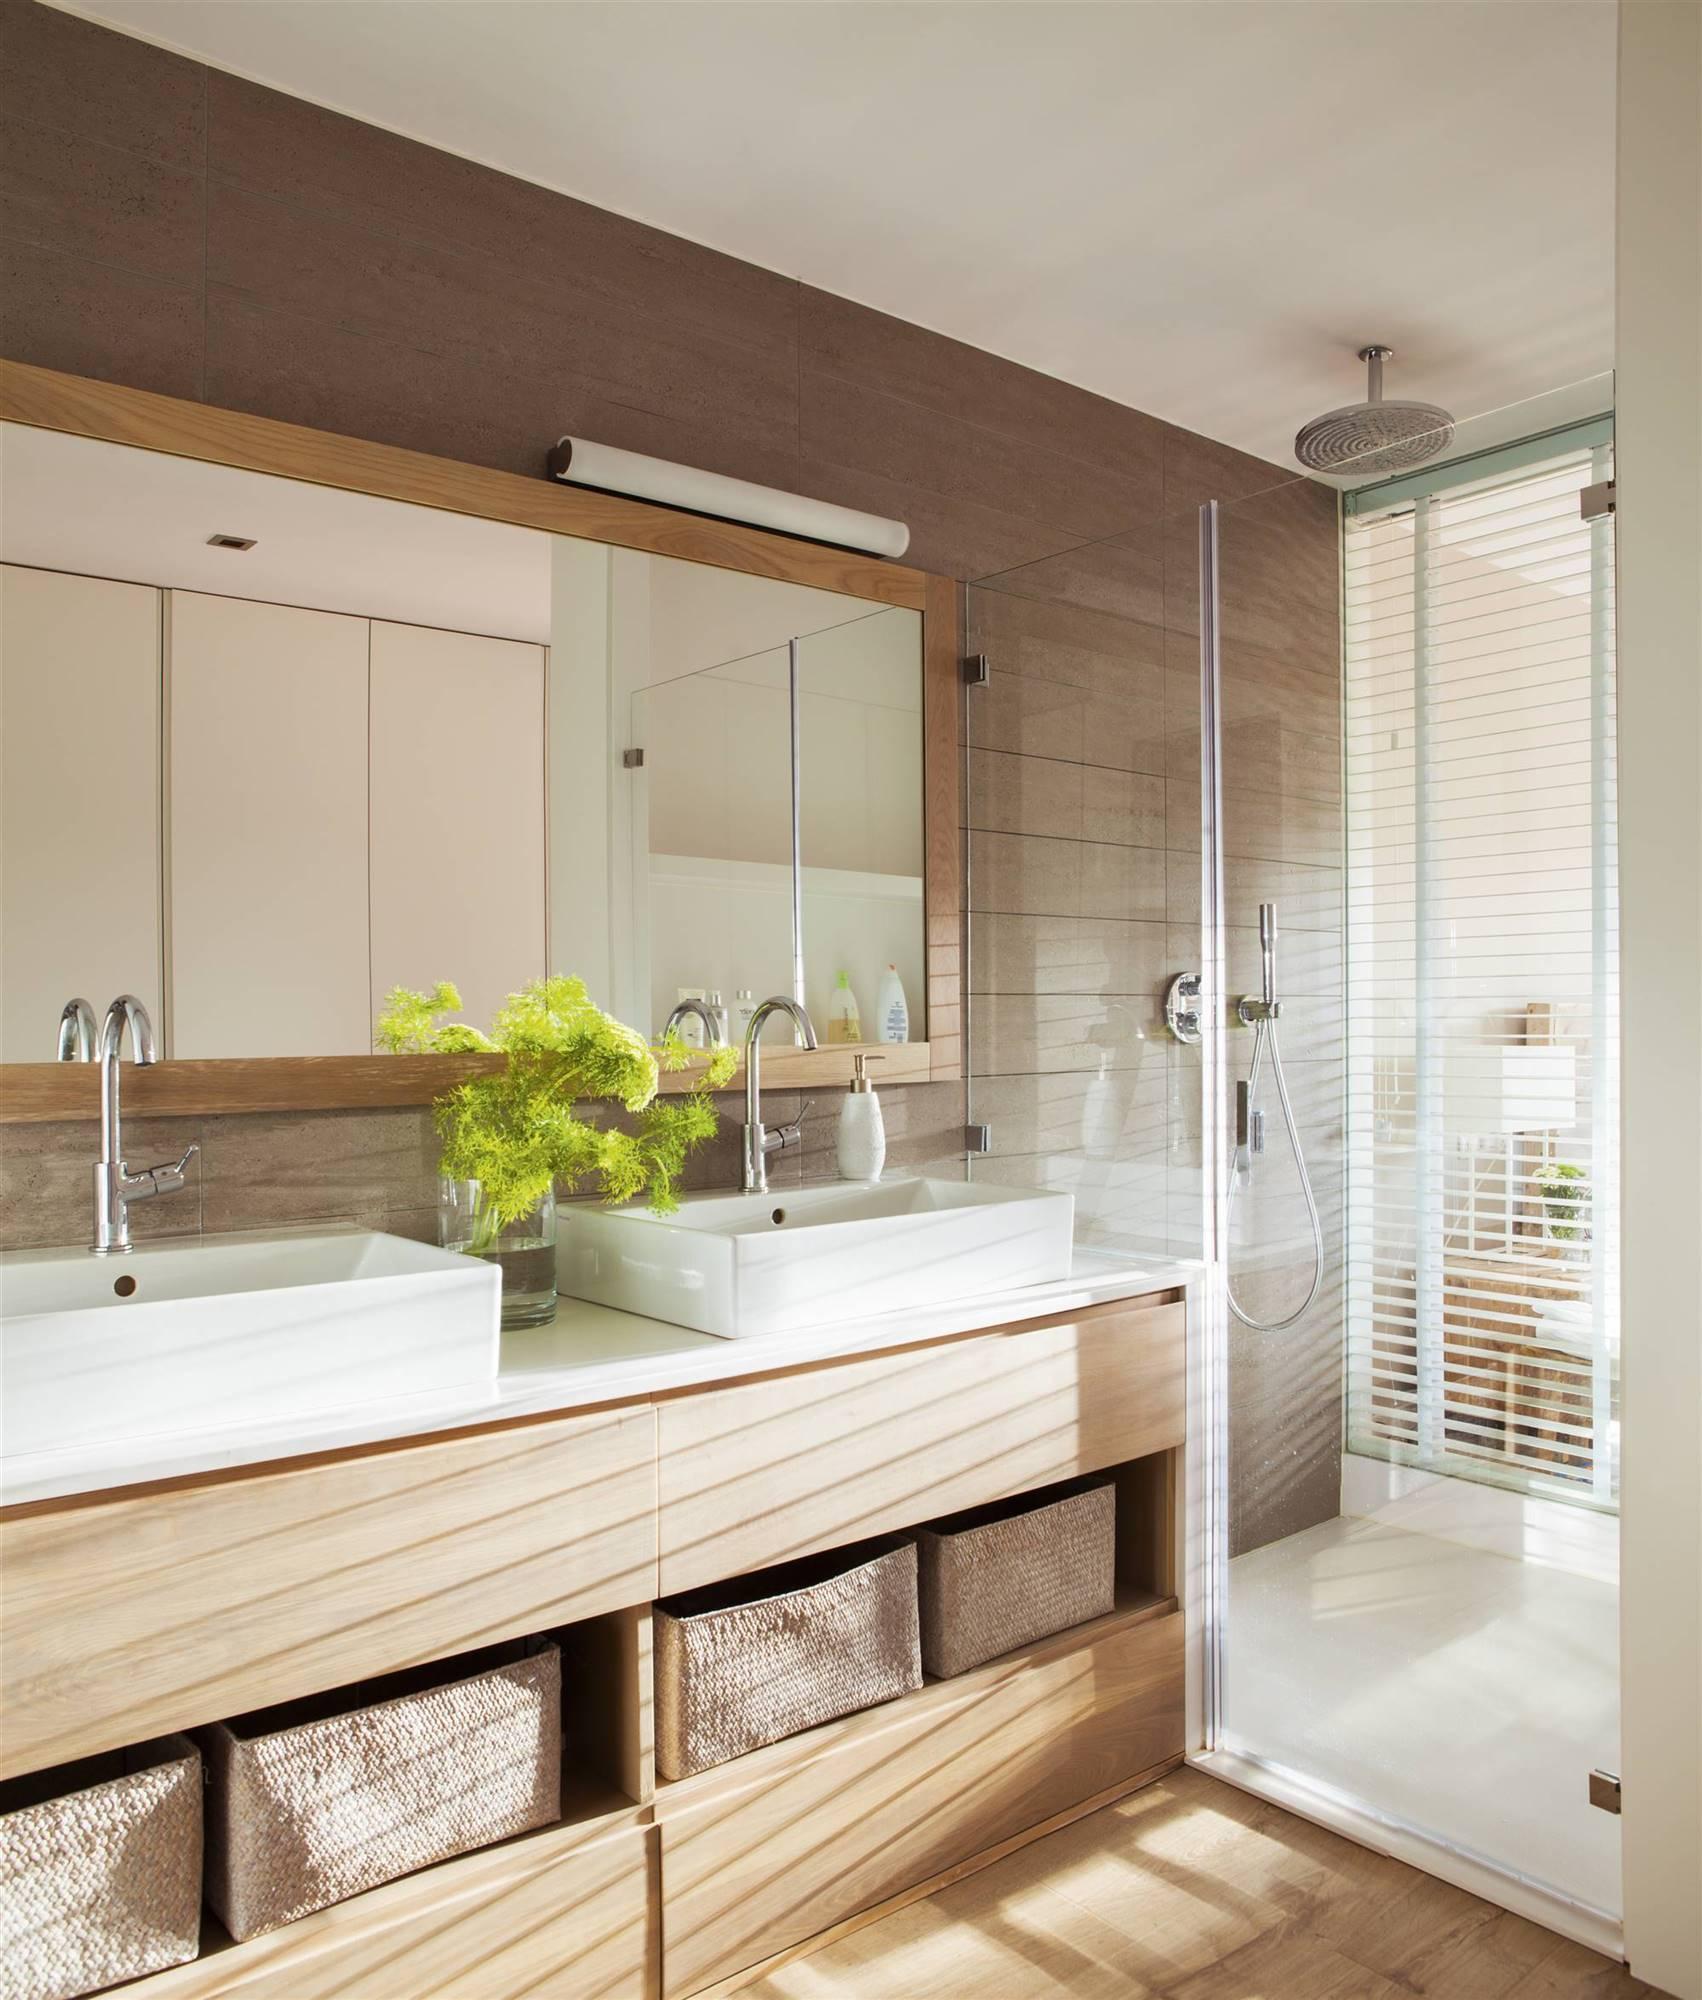 Manten despejado el lavamanos y la encimera para mantener ordenado el baño